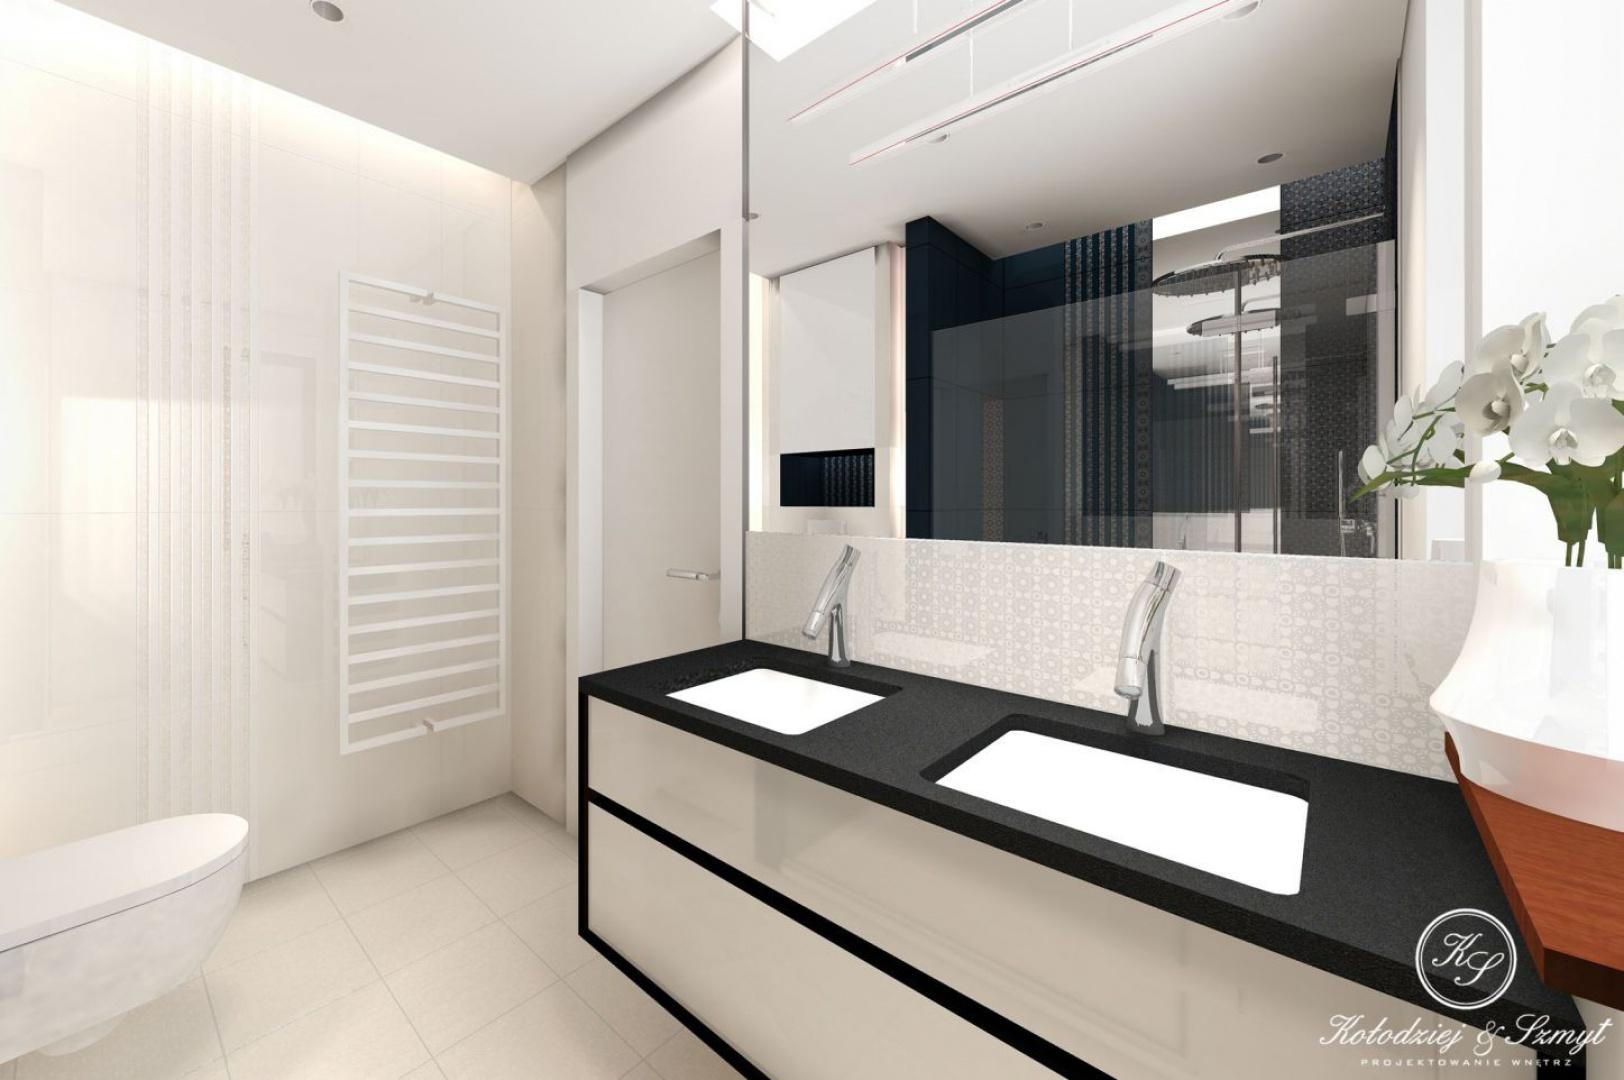 Projekt łazienki w domu jednorodzinnym w Wilanowie. Łazienka jest w nowoczesnym stylu.Łazienka przy sypialni to elegancka biel z czernią. Projekt Kołodziej & Szmyt. Fot. Archiconnect.pl